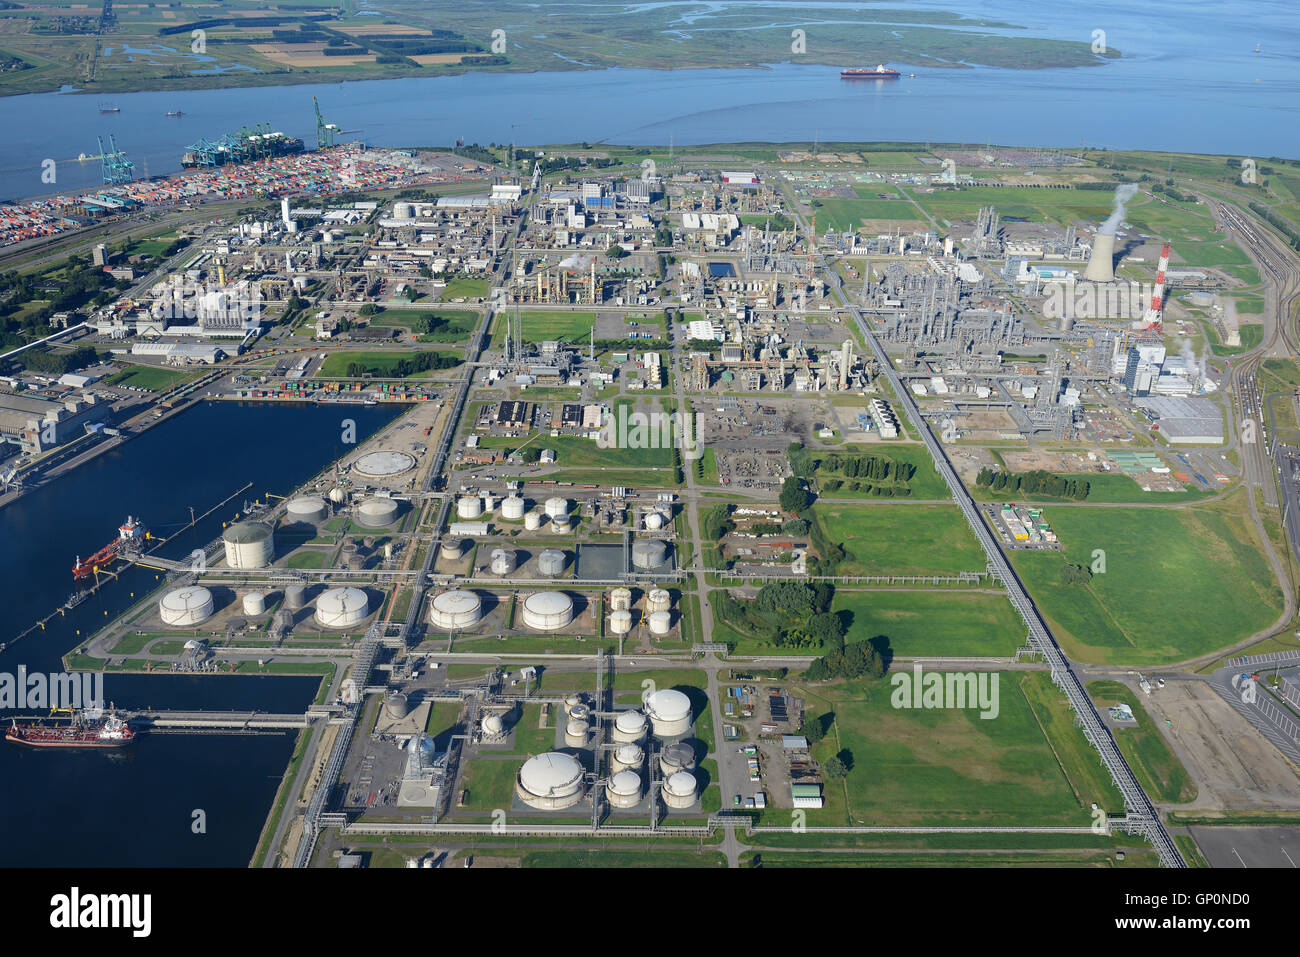 CHEMISCHE Produktion Website der BASF ANTWERPEN (Luftbild). Hafen von Antwerpen, Belgien. Stockbild